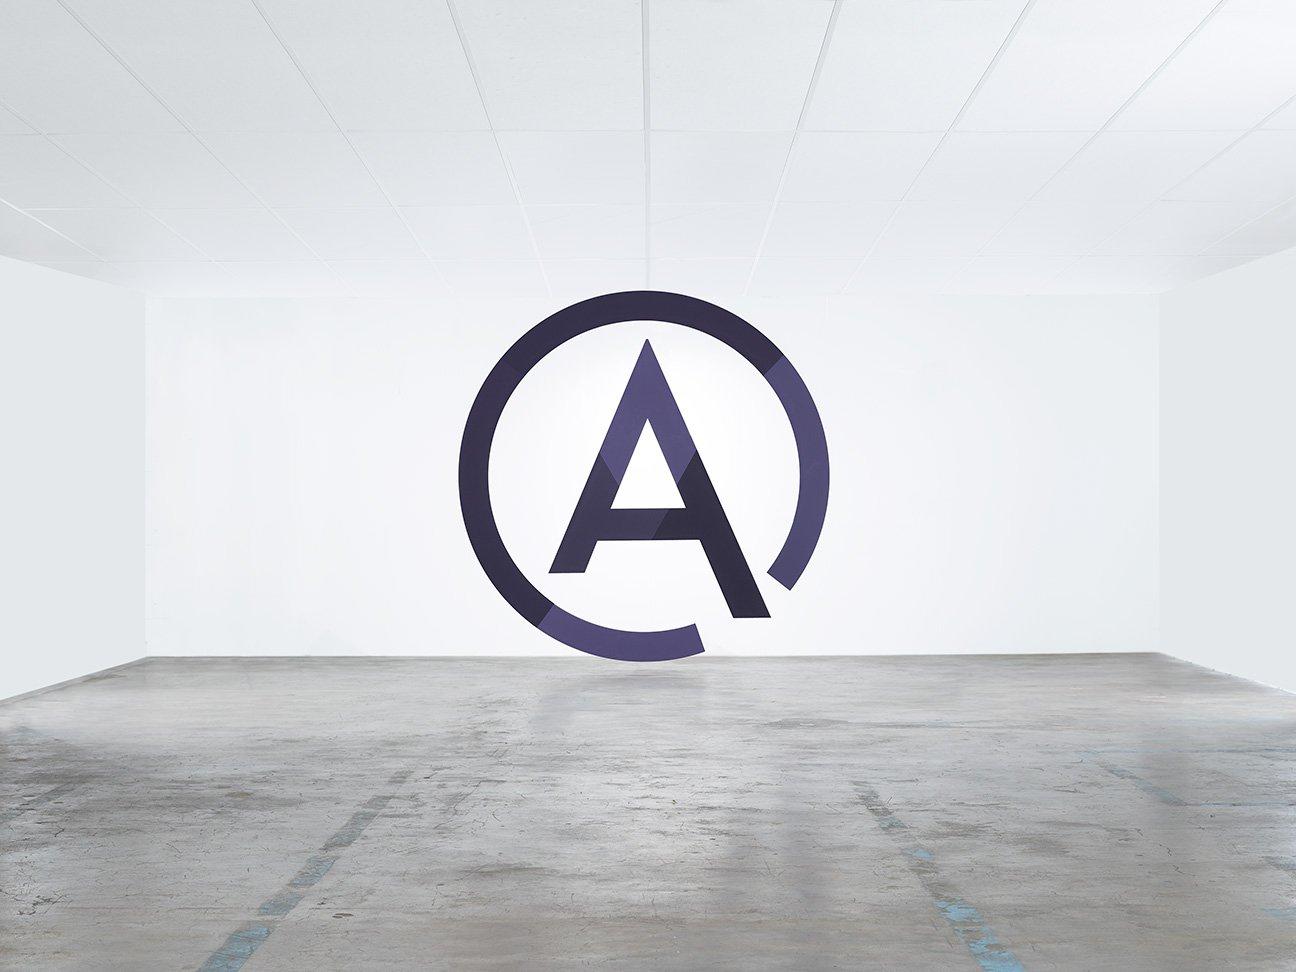 Réalisation de l'identité visuelle de ADMARKA S.A, première agence de naming, branding et business development en suisse.